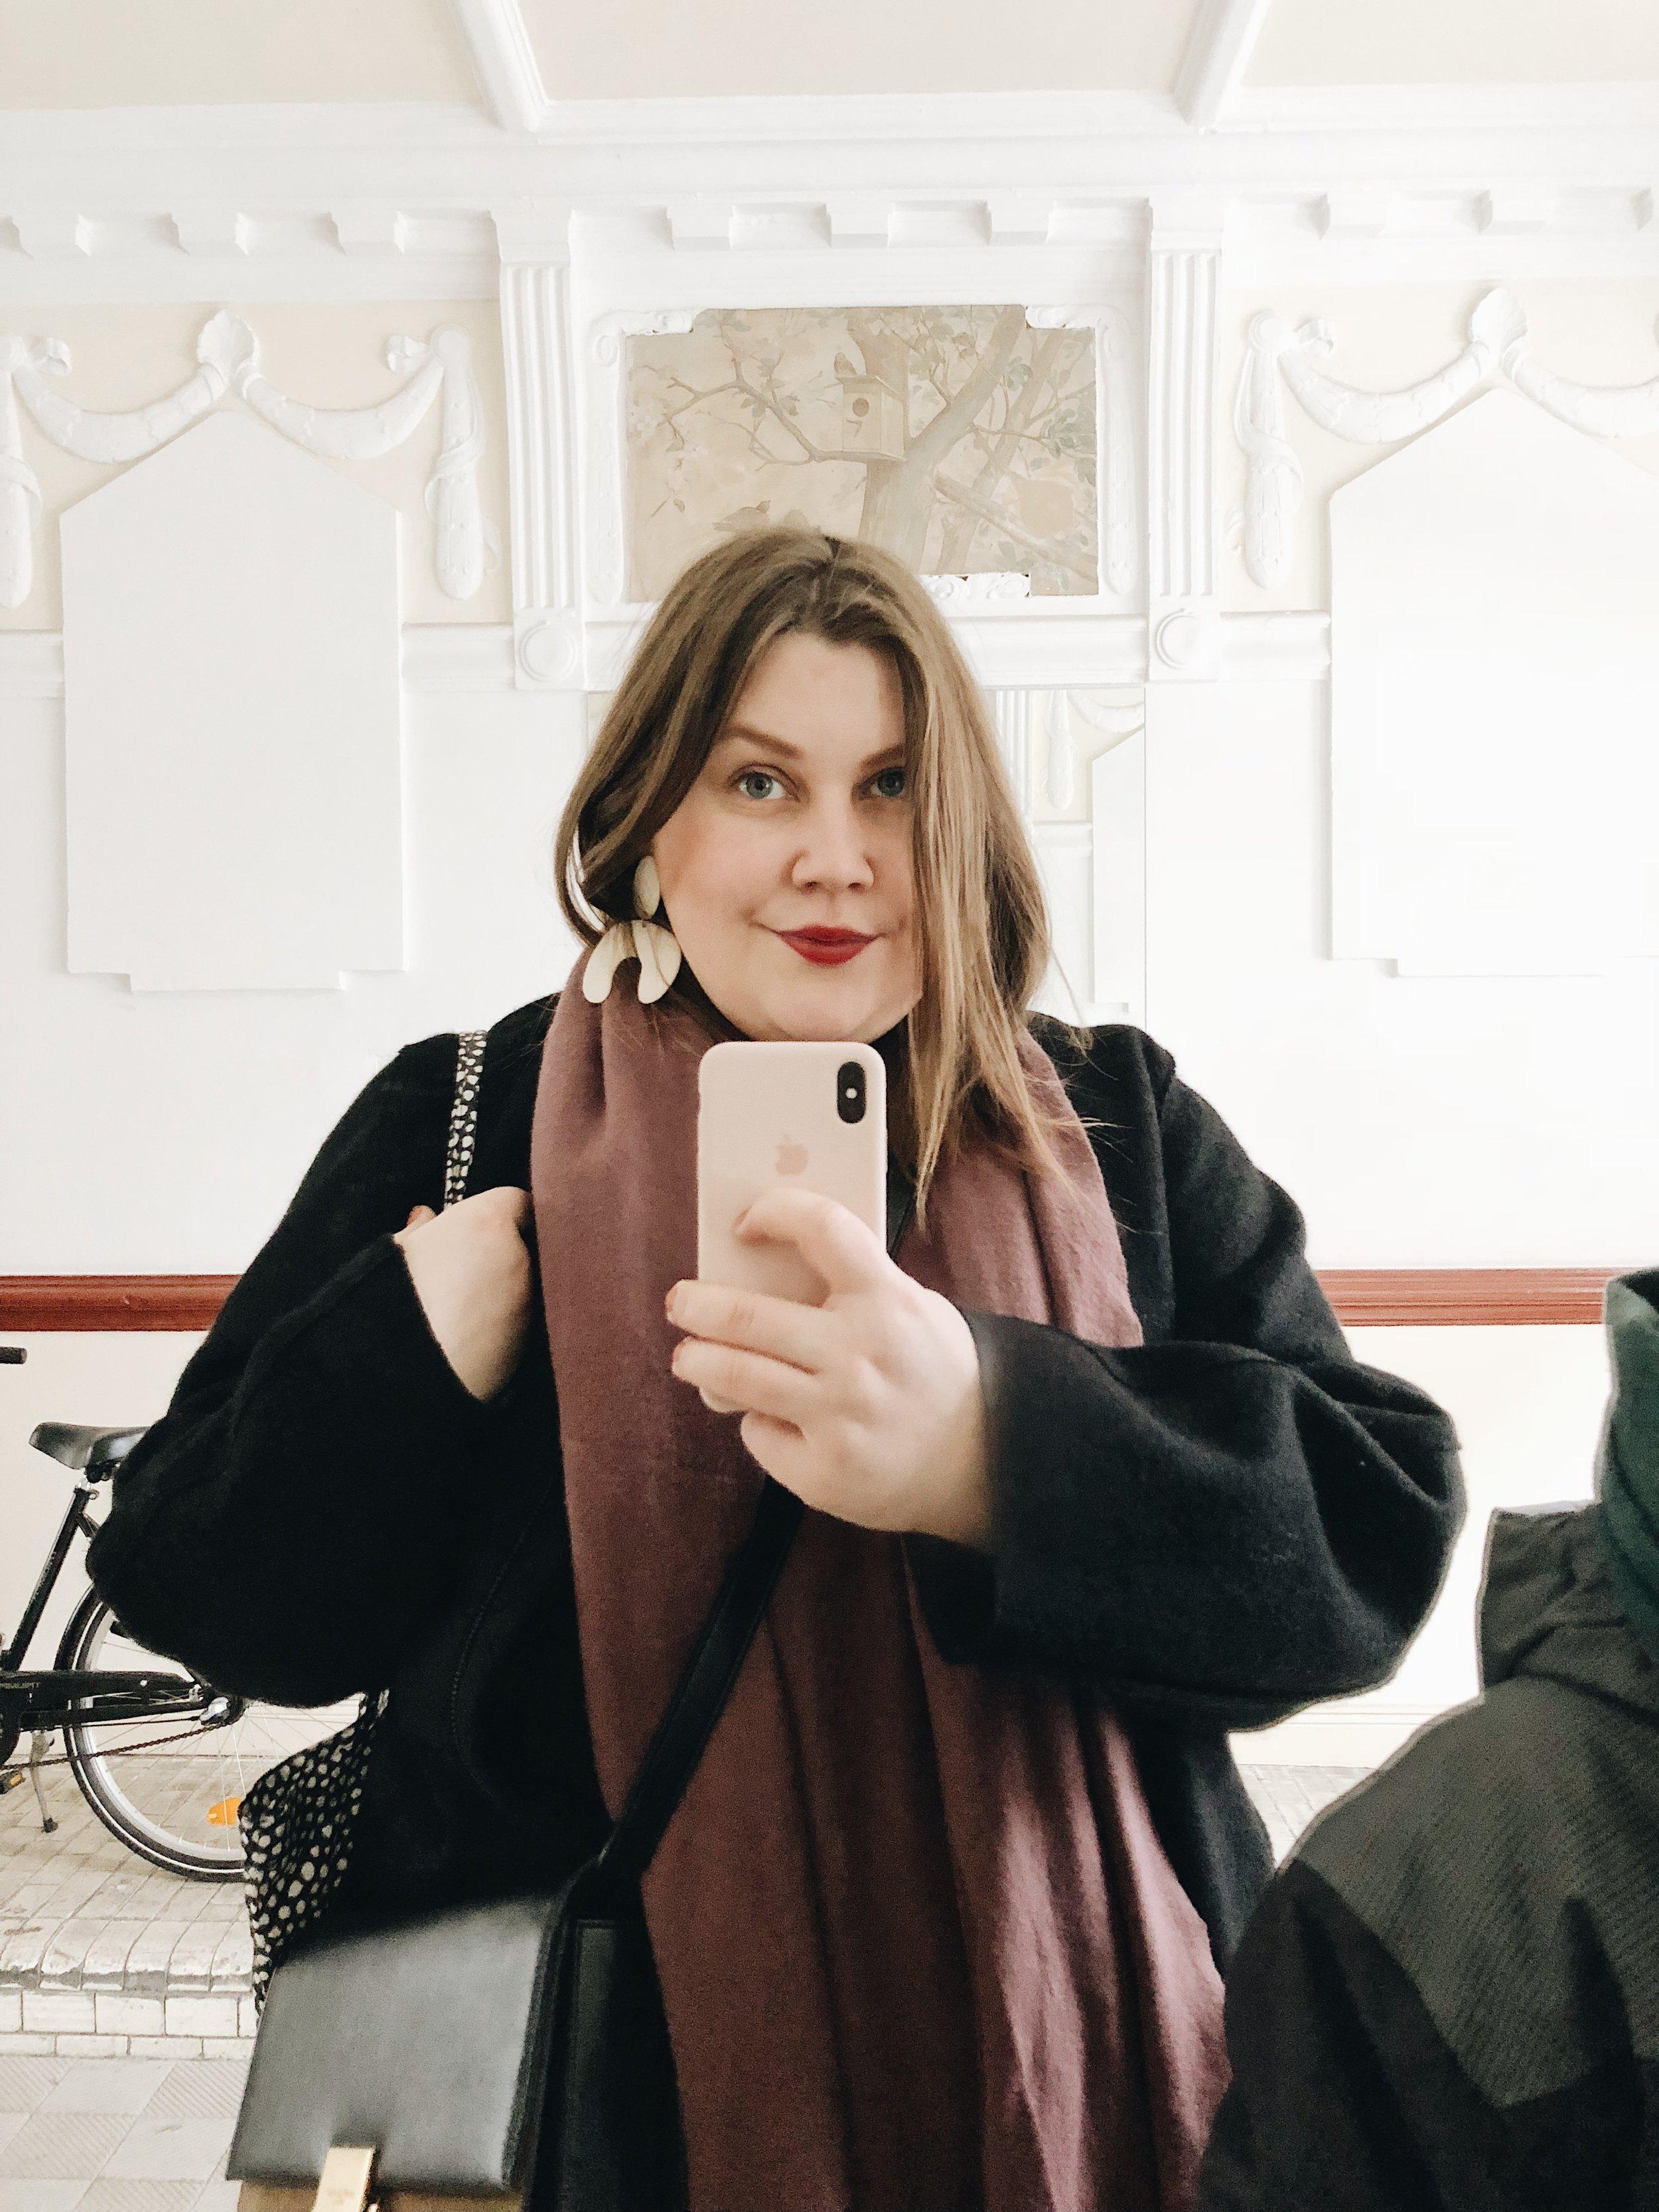 Jules Villbrandt - Jules Villbrandt begeistert mit ihrem Blog Herz & Blut knapp 100.000 Menschen auf Instagram. Ihr Schwerpunkt ist der Bereich Interior, besonders ihre wunderschönen Home Stories zeigen immer wieder, dass sie zurecht Partner der renommierten Architectural Digest ist.www.herzundblut.de